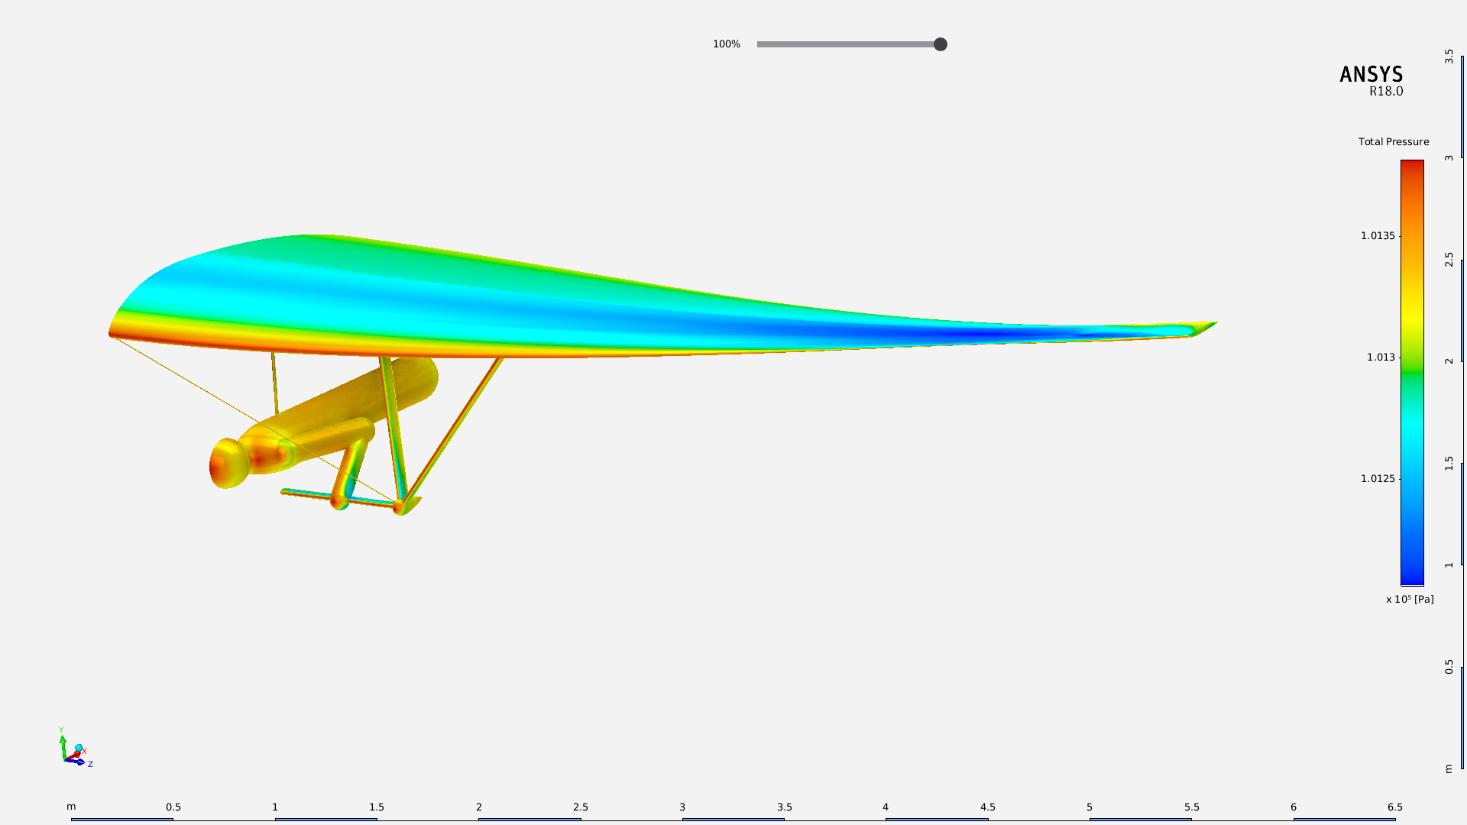 С момента изобретения дельтаплана прошло много времени, и сегодня компания «Aerospace Innovations of Canada» в рамках программы ANSYS Startup Program использует для задач компьютерного моделирования дельтаплана ANSYS AIM